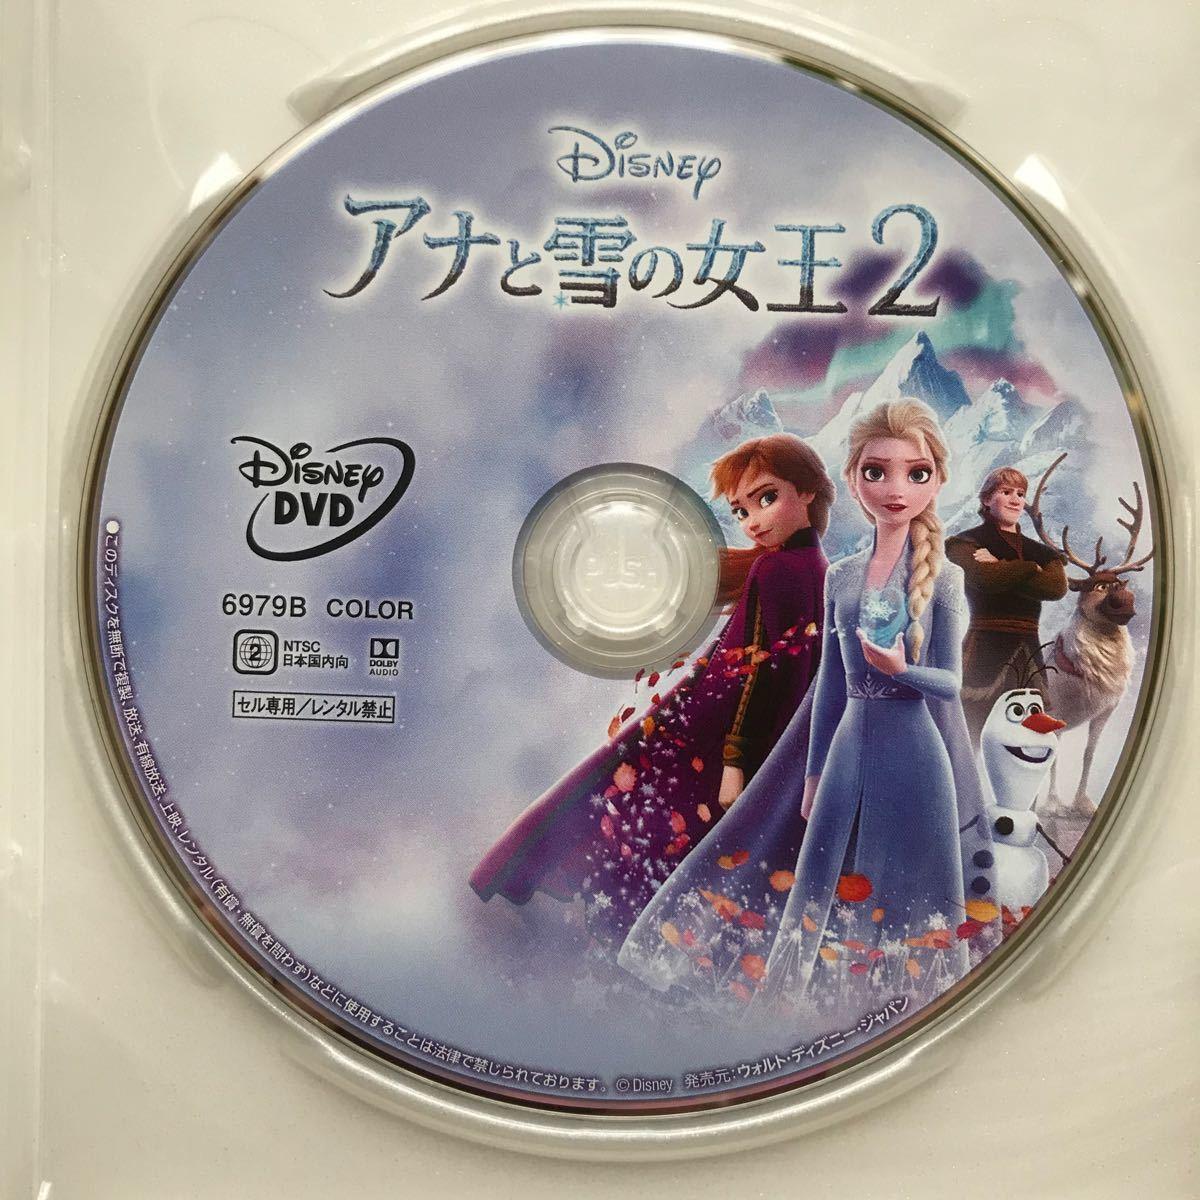 アナと雪の女王2 MovieNEX DVDディスクのみ 日本正規品 新品未再生 ディズニー